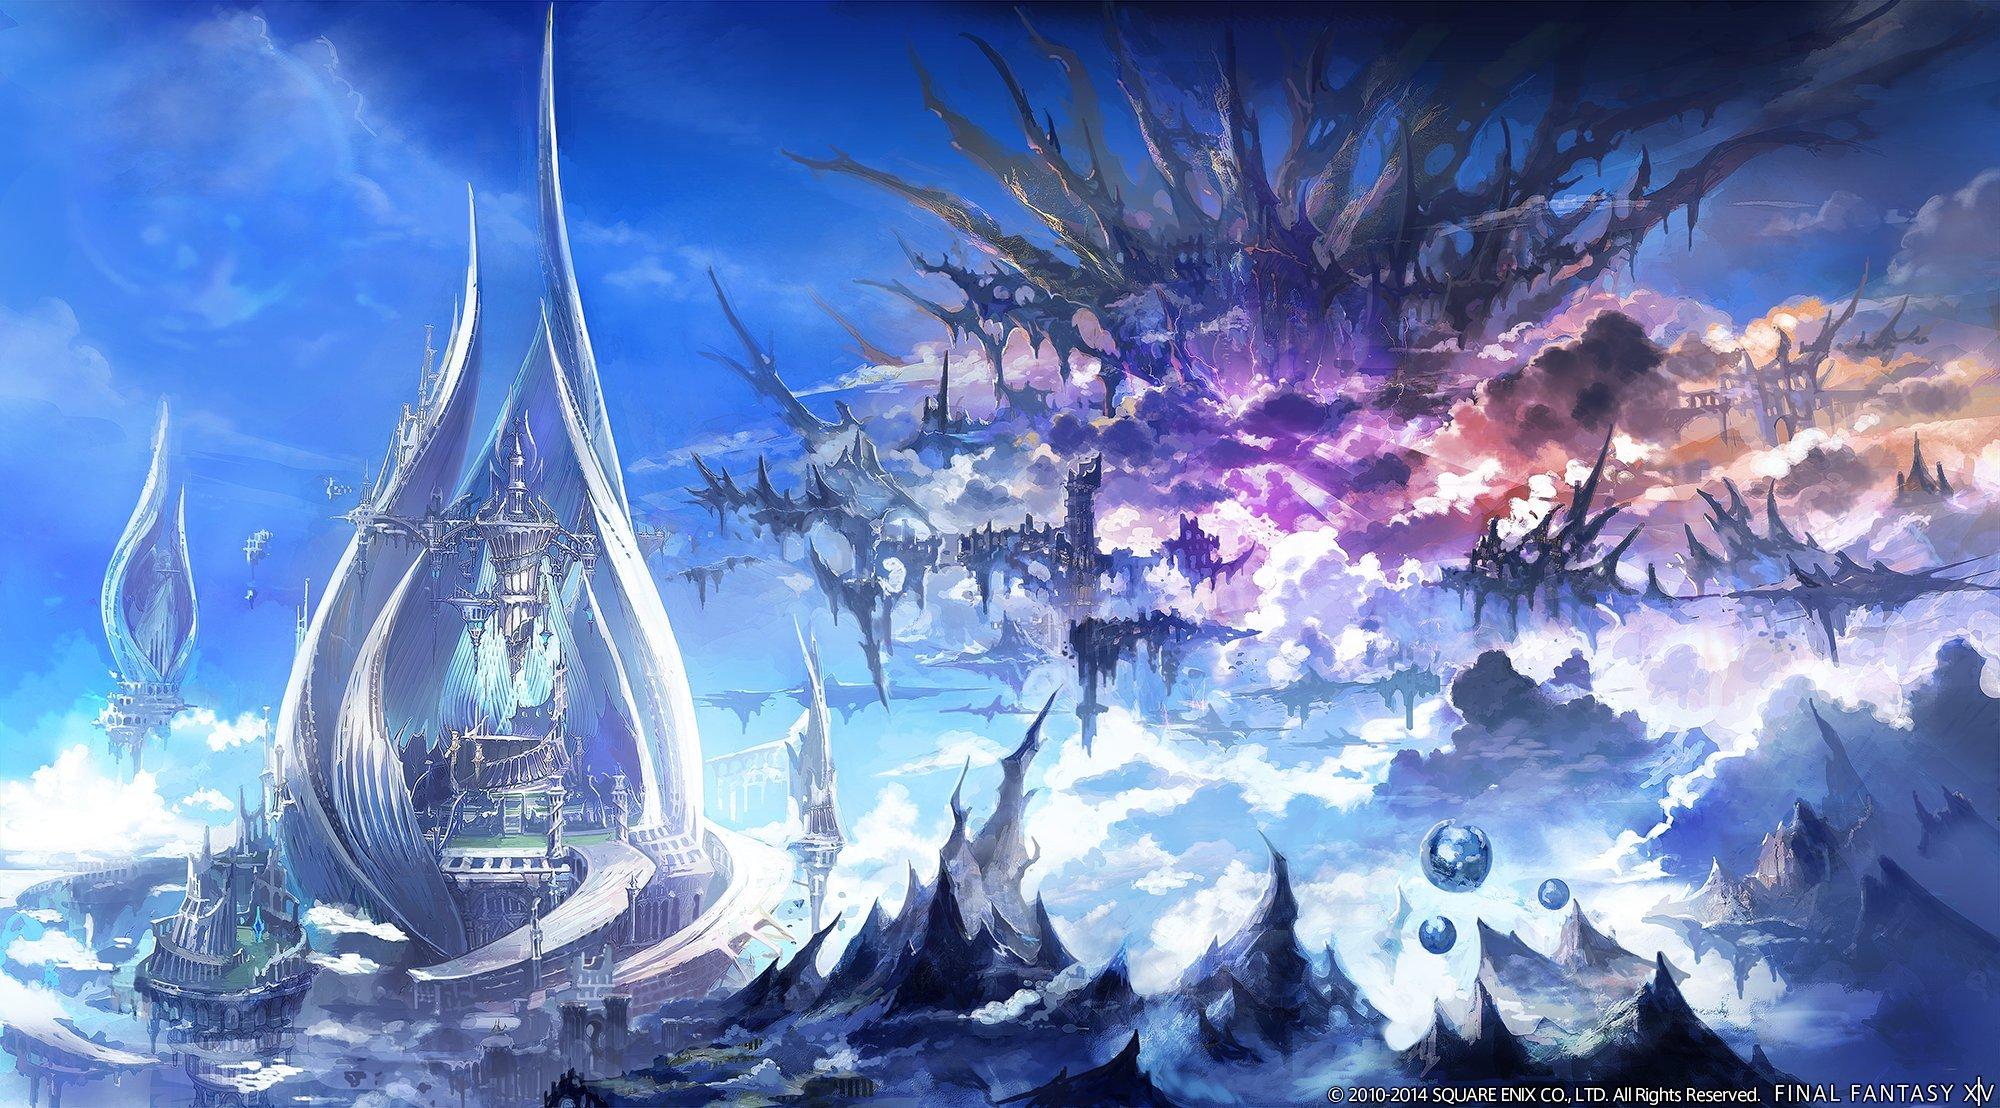 FinalFantasyXIV-Heavensward Multi Visuel 015